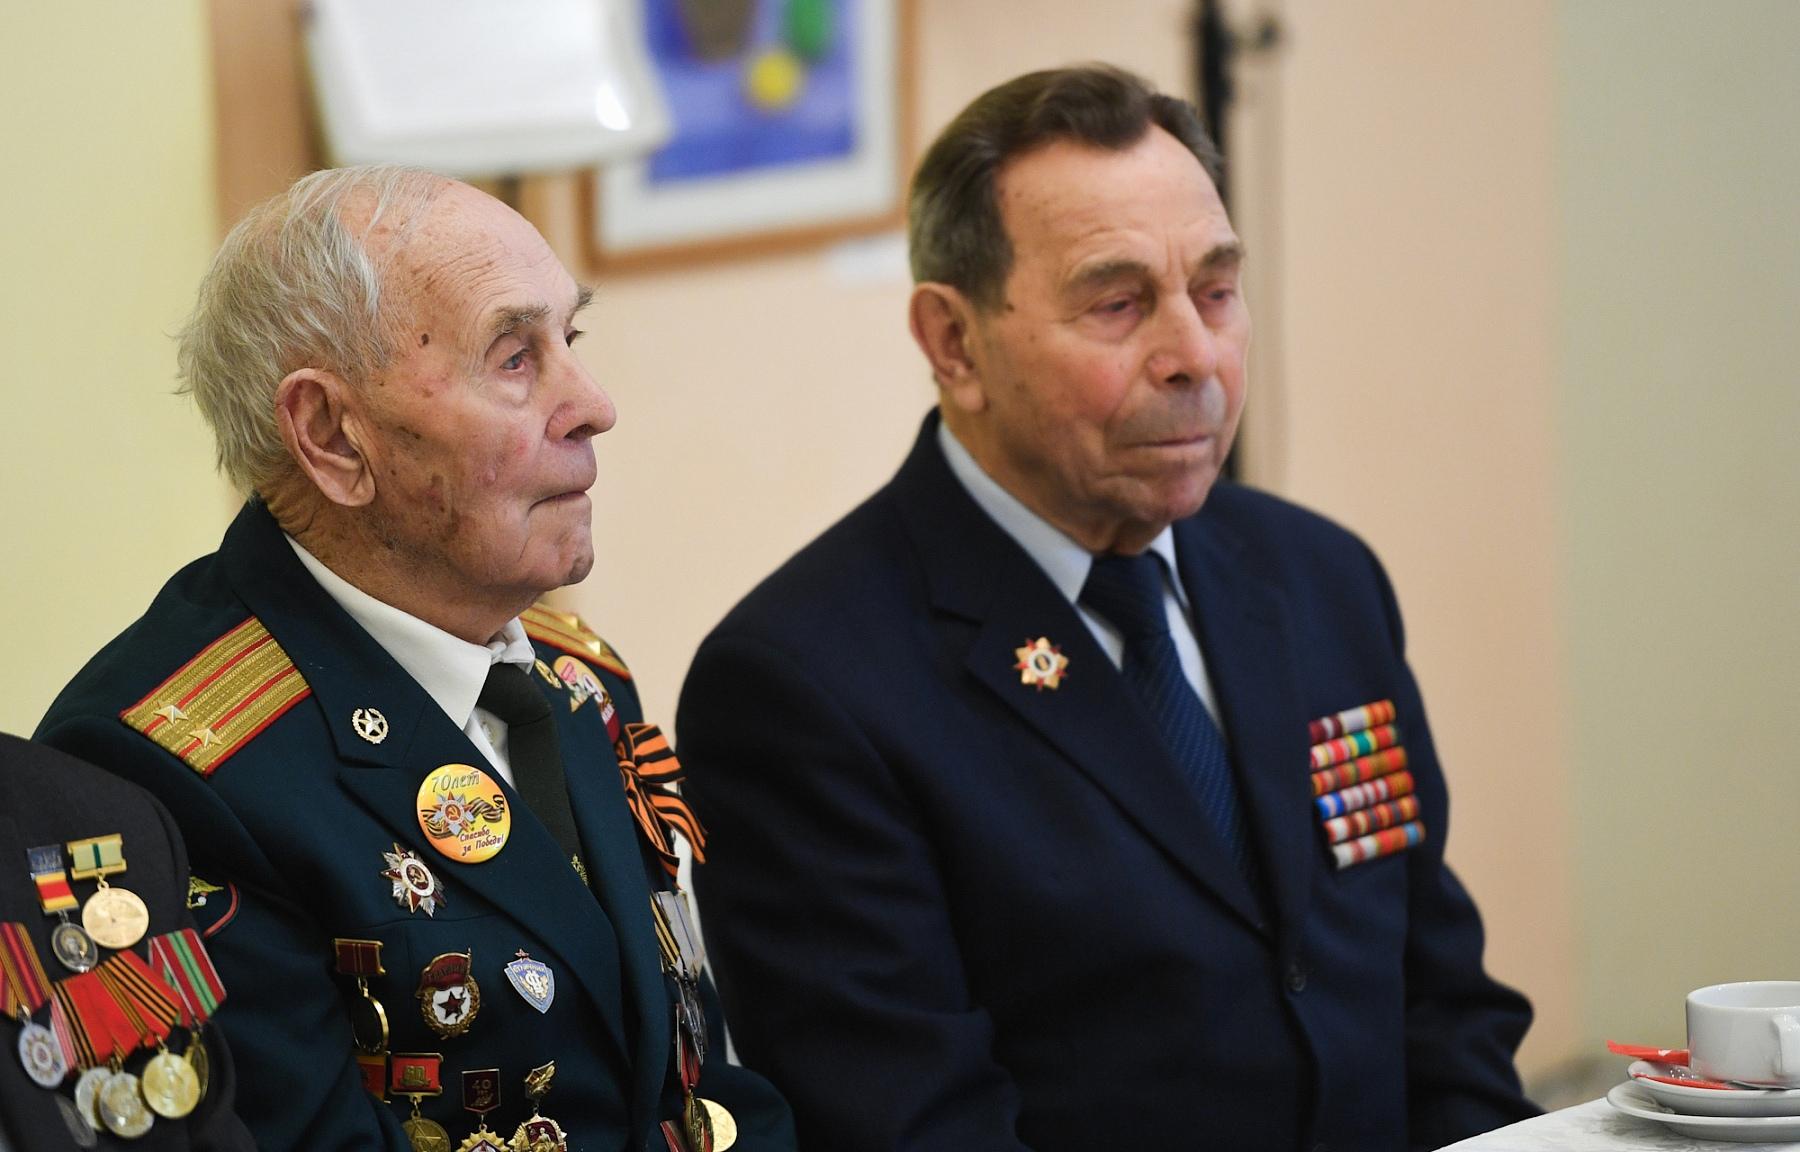 Алексей Ларин: Открытие Ржевского мемориала – одно из главных событий 2020 года